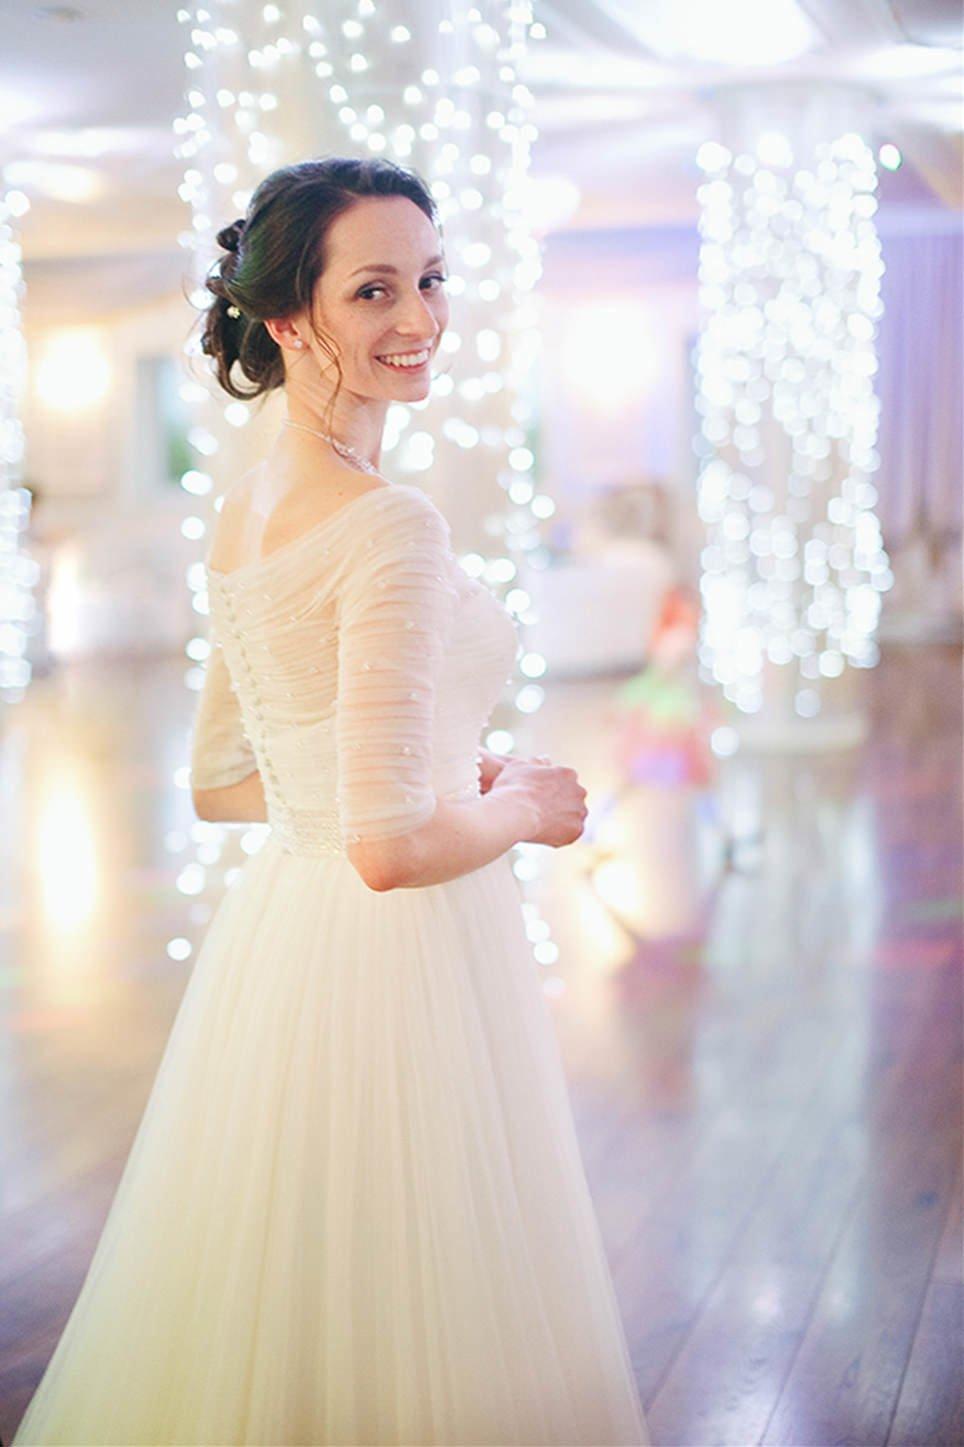 fotograf slub bielsko biala ania maciej 115 - Ślub w Bielsku-Białej - ANIA & MACIEJ